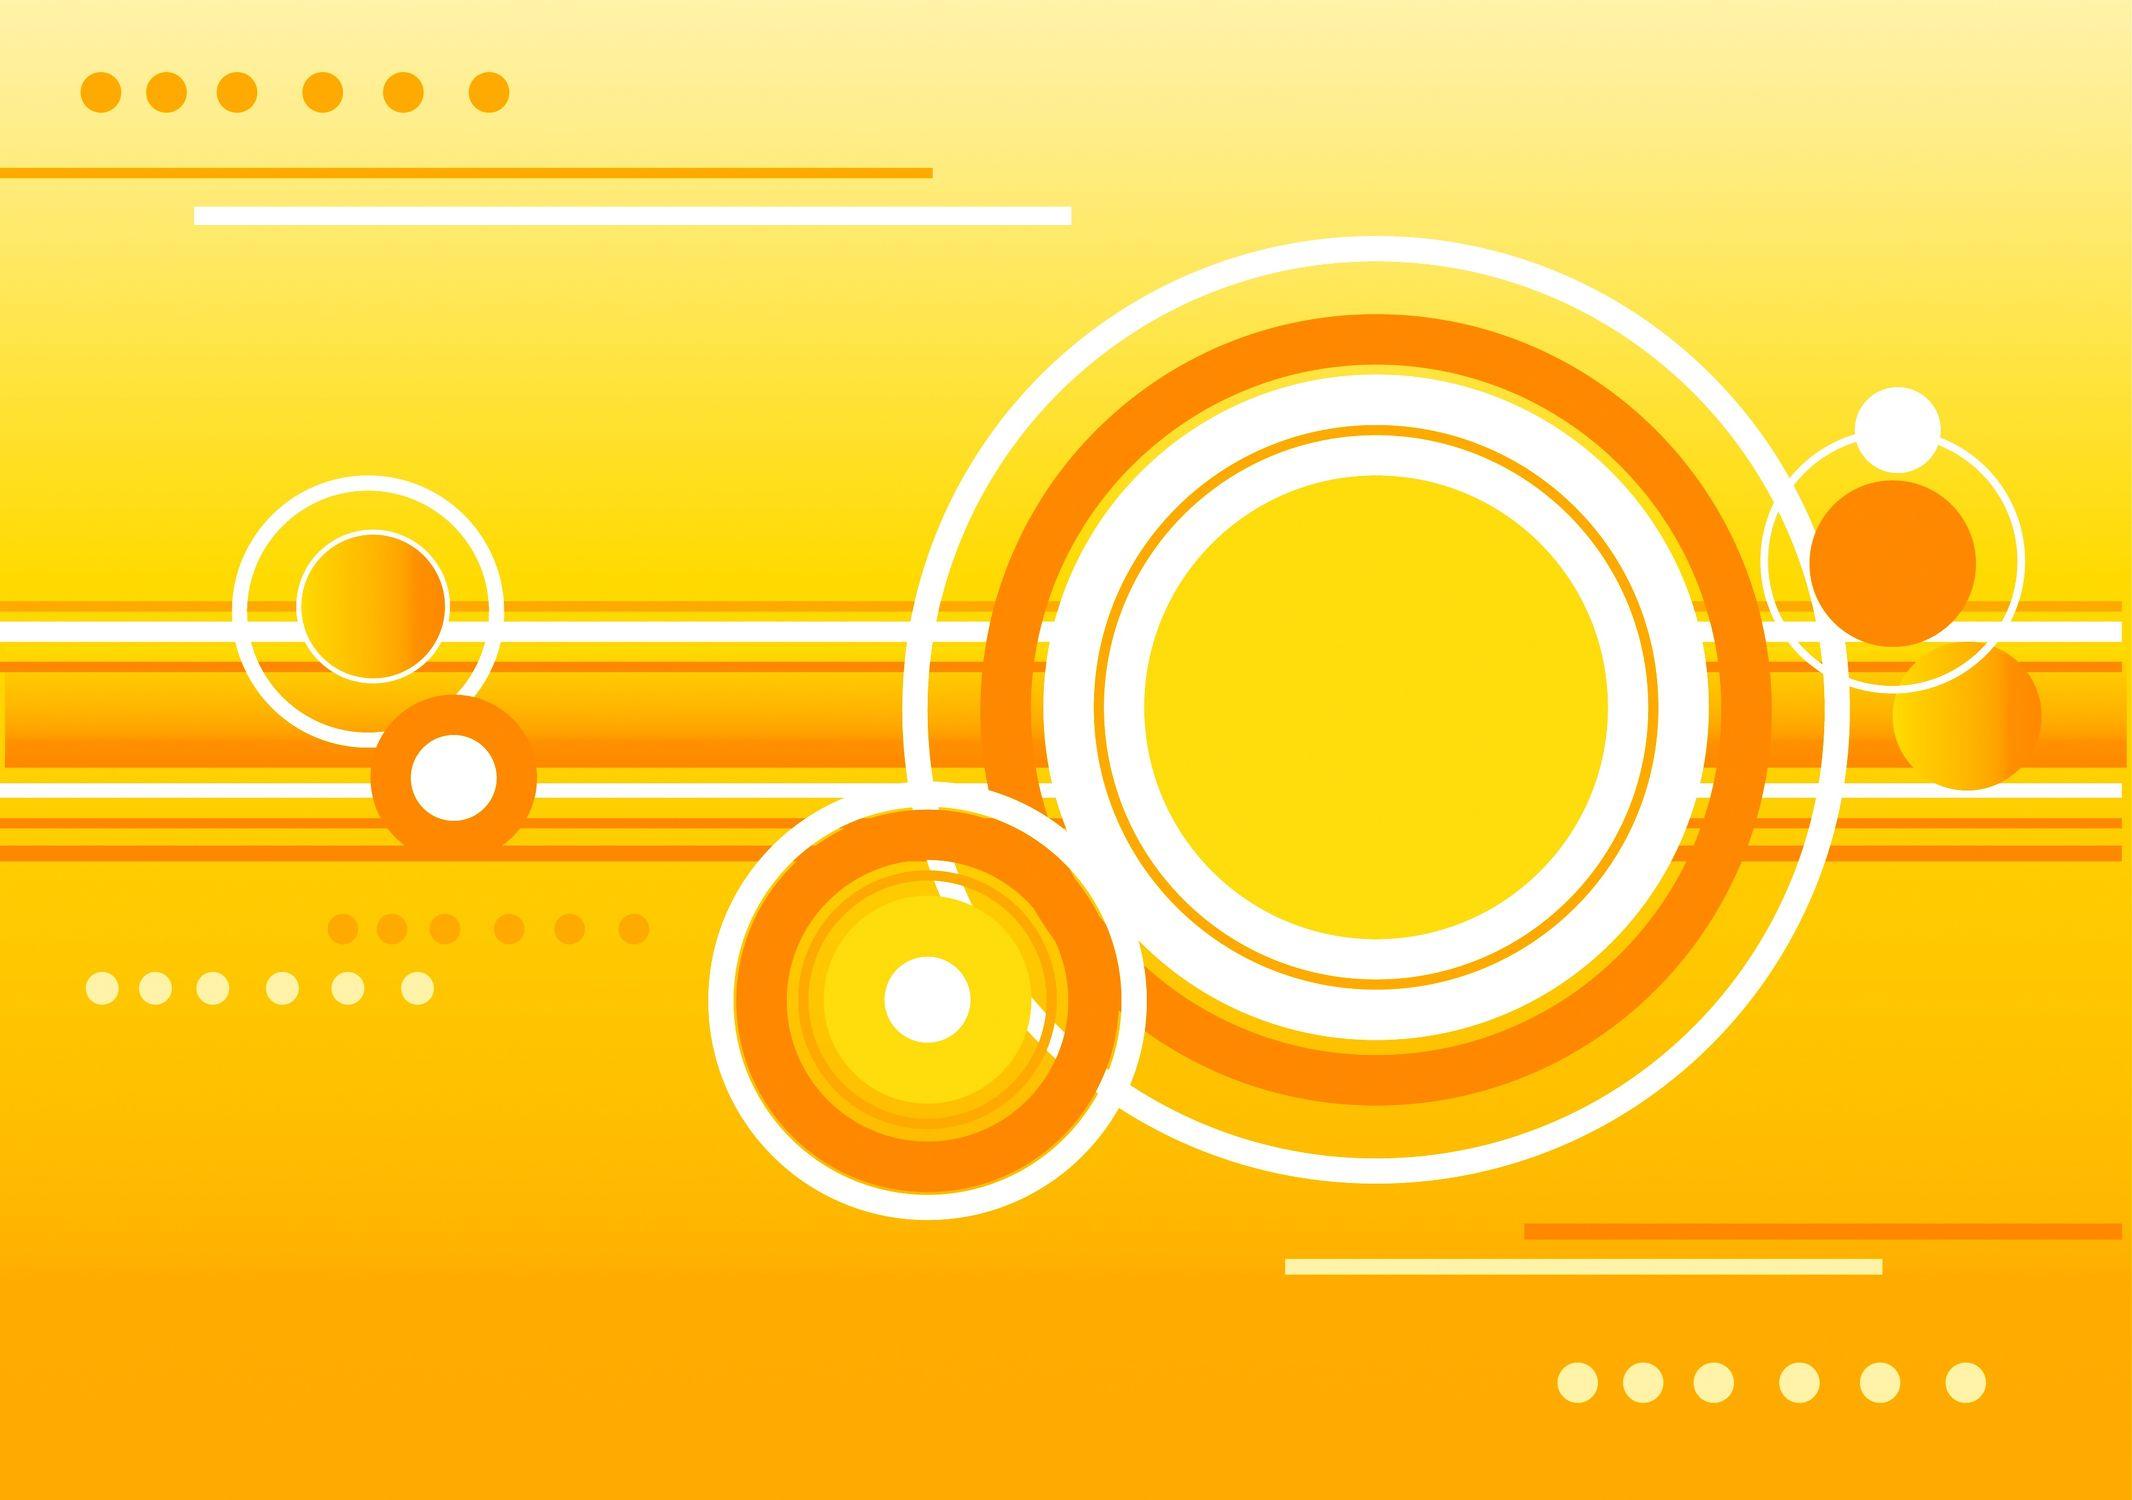 Bild mit Farben, Orange, Gelb, Gegenstände, Schriftstücke, Schriften, Schmuck, Bernsteine